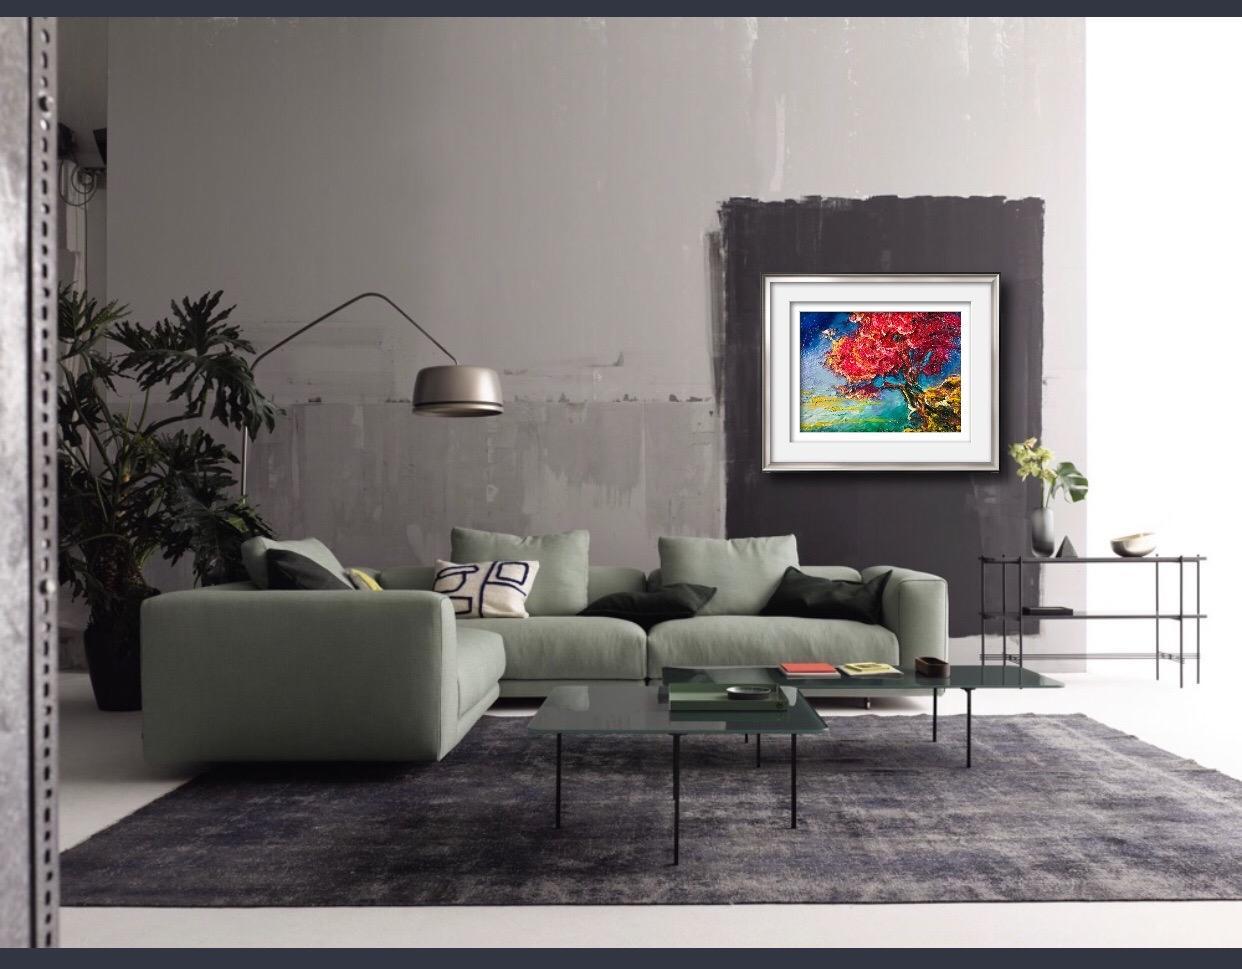 Home | Interieur | Einrichtung - Wandbilder verschönern den Raum, steigern das Wohlbefinden und werten die Atmosphäre auf.